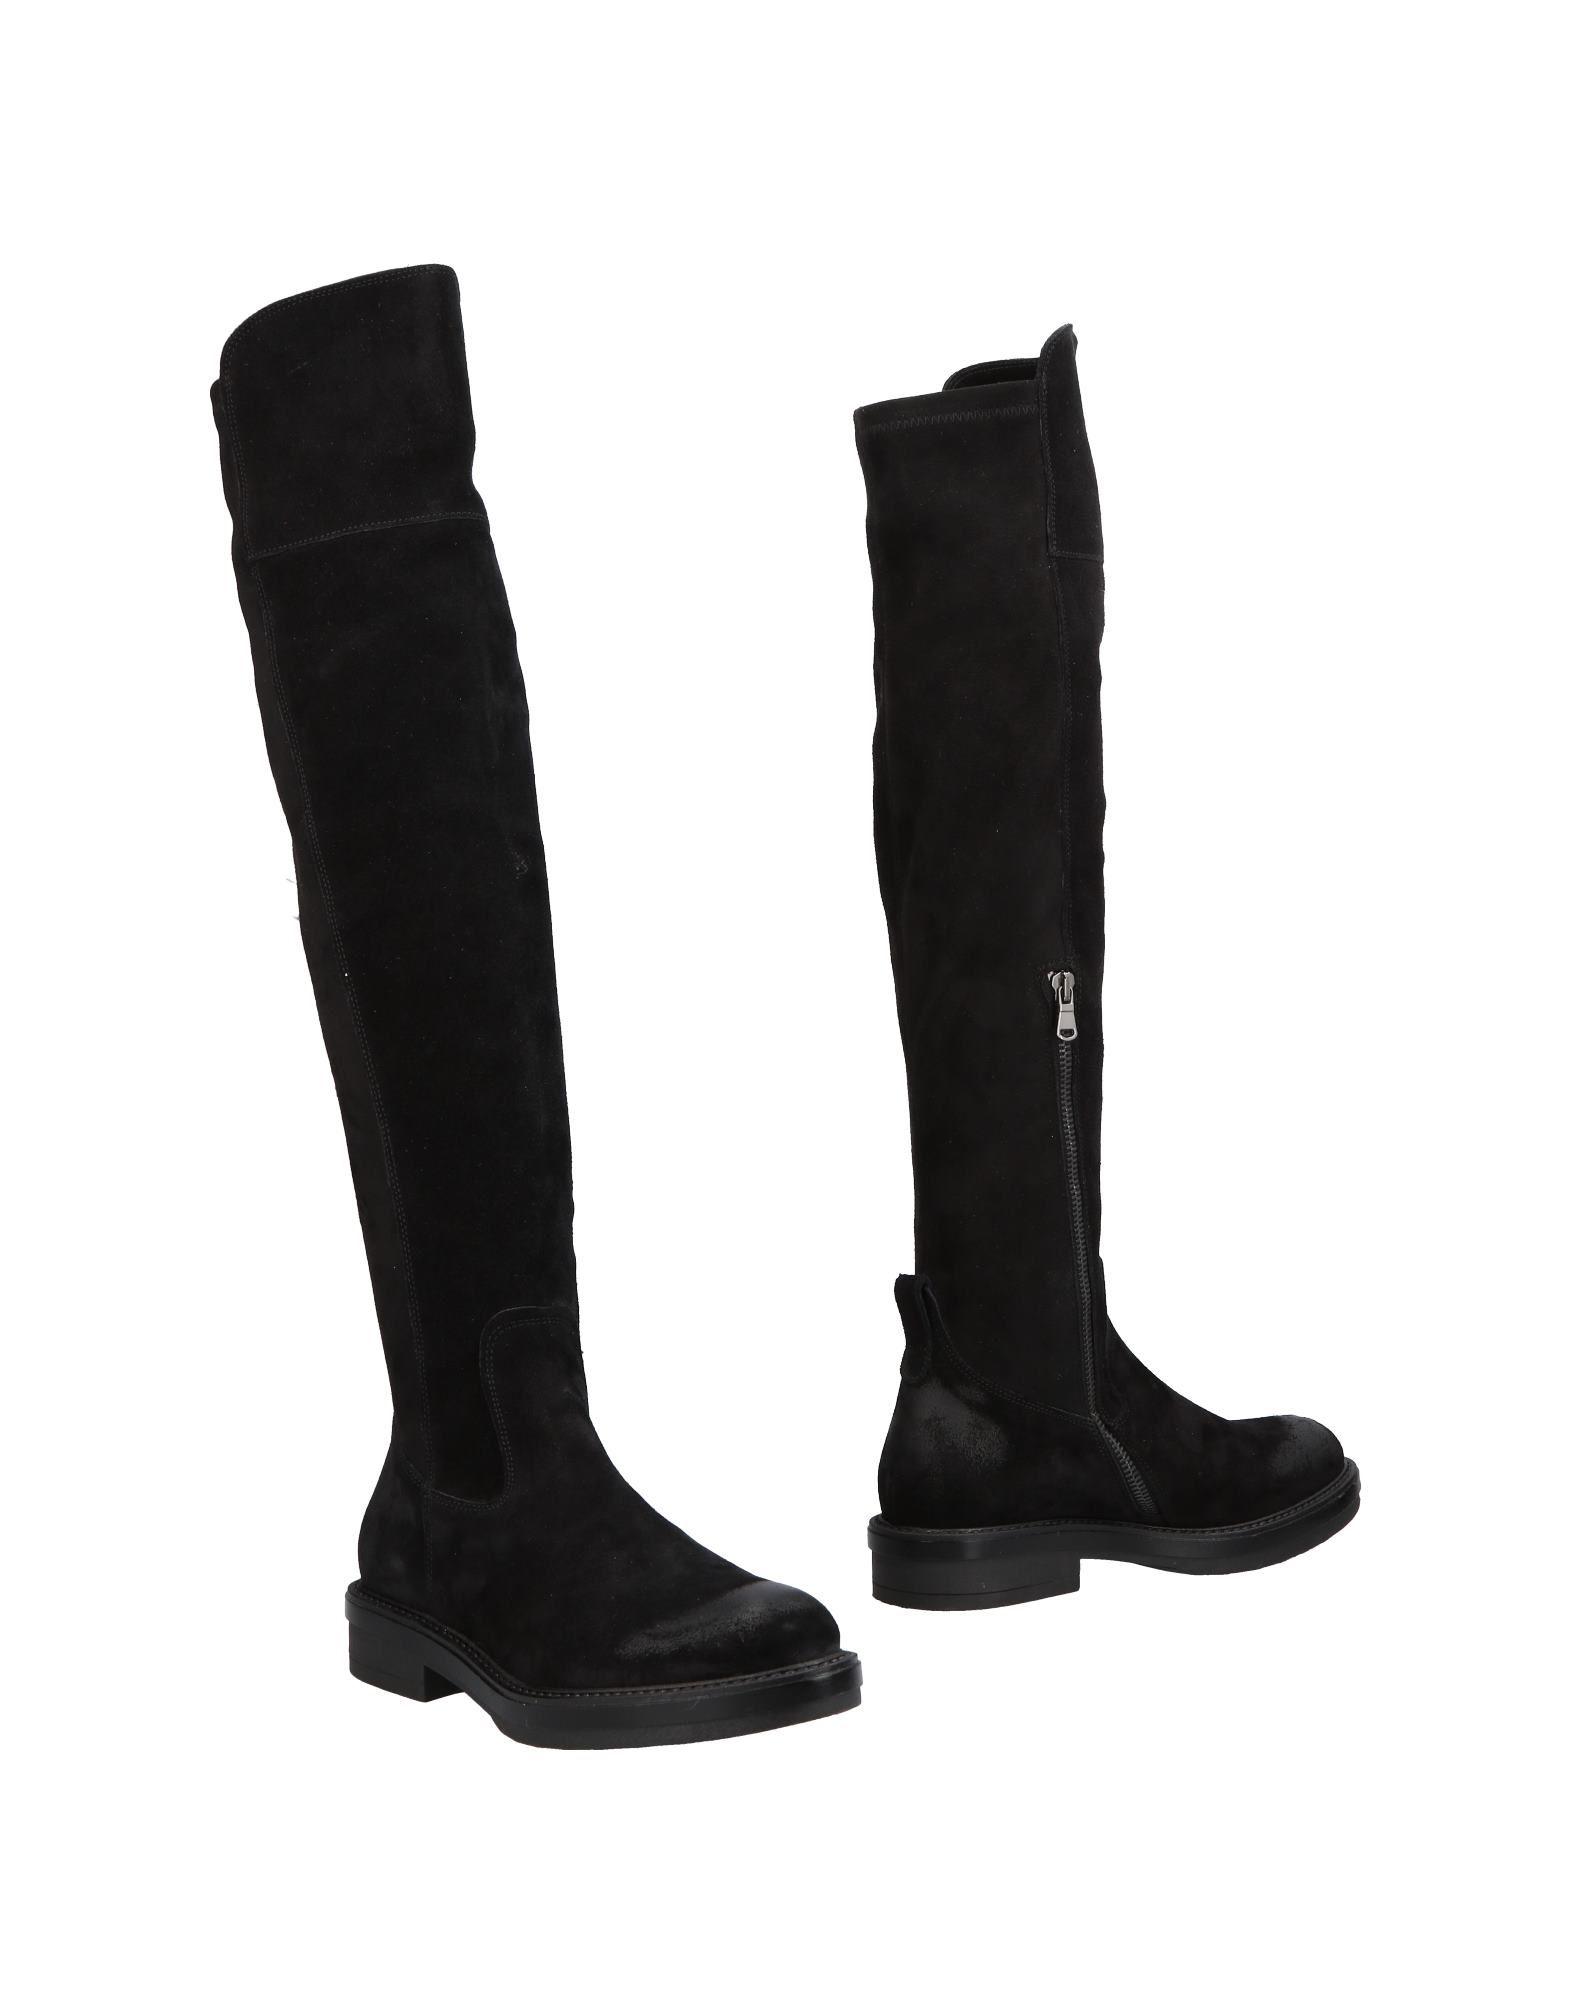 Keb Stiefel beliebte Damen 11502474CJ Gute Qualität beliebte Stiefel Schuhe 4a8c43